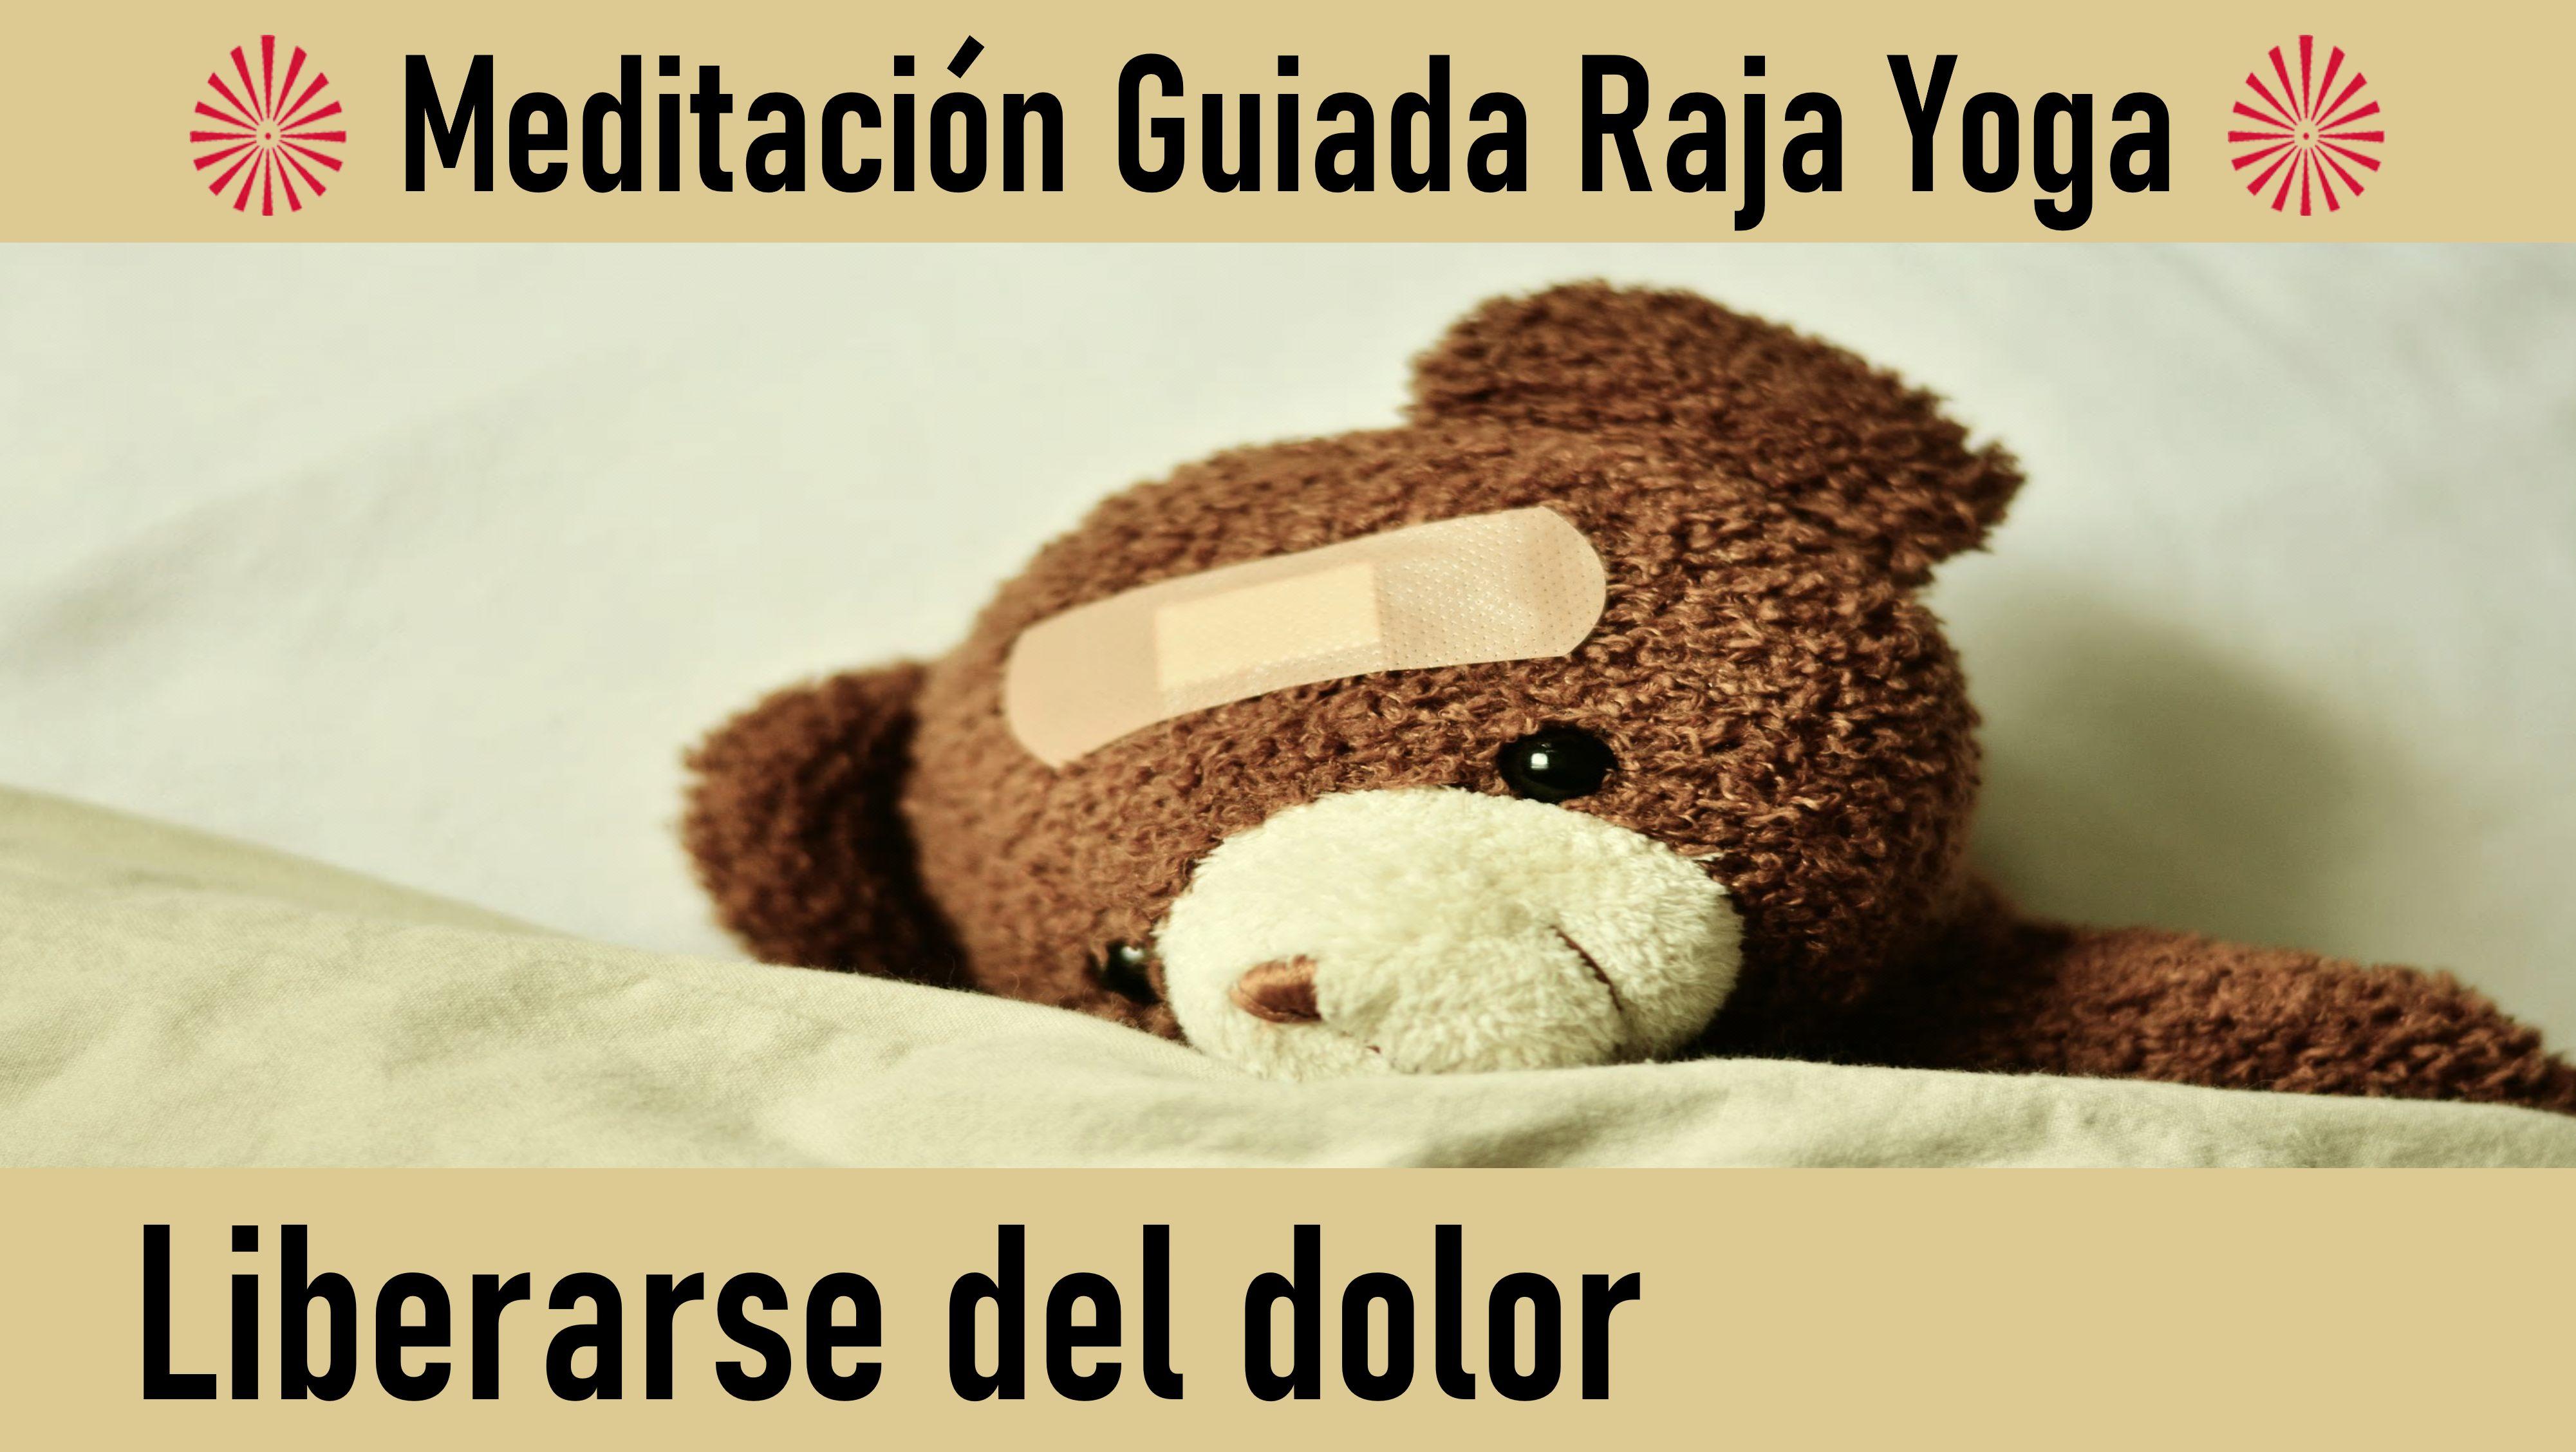 13 Mayo 2020  Meditación Guiada: Liberarse del dolor